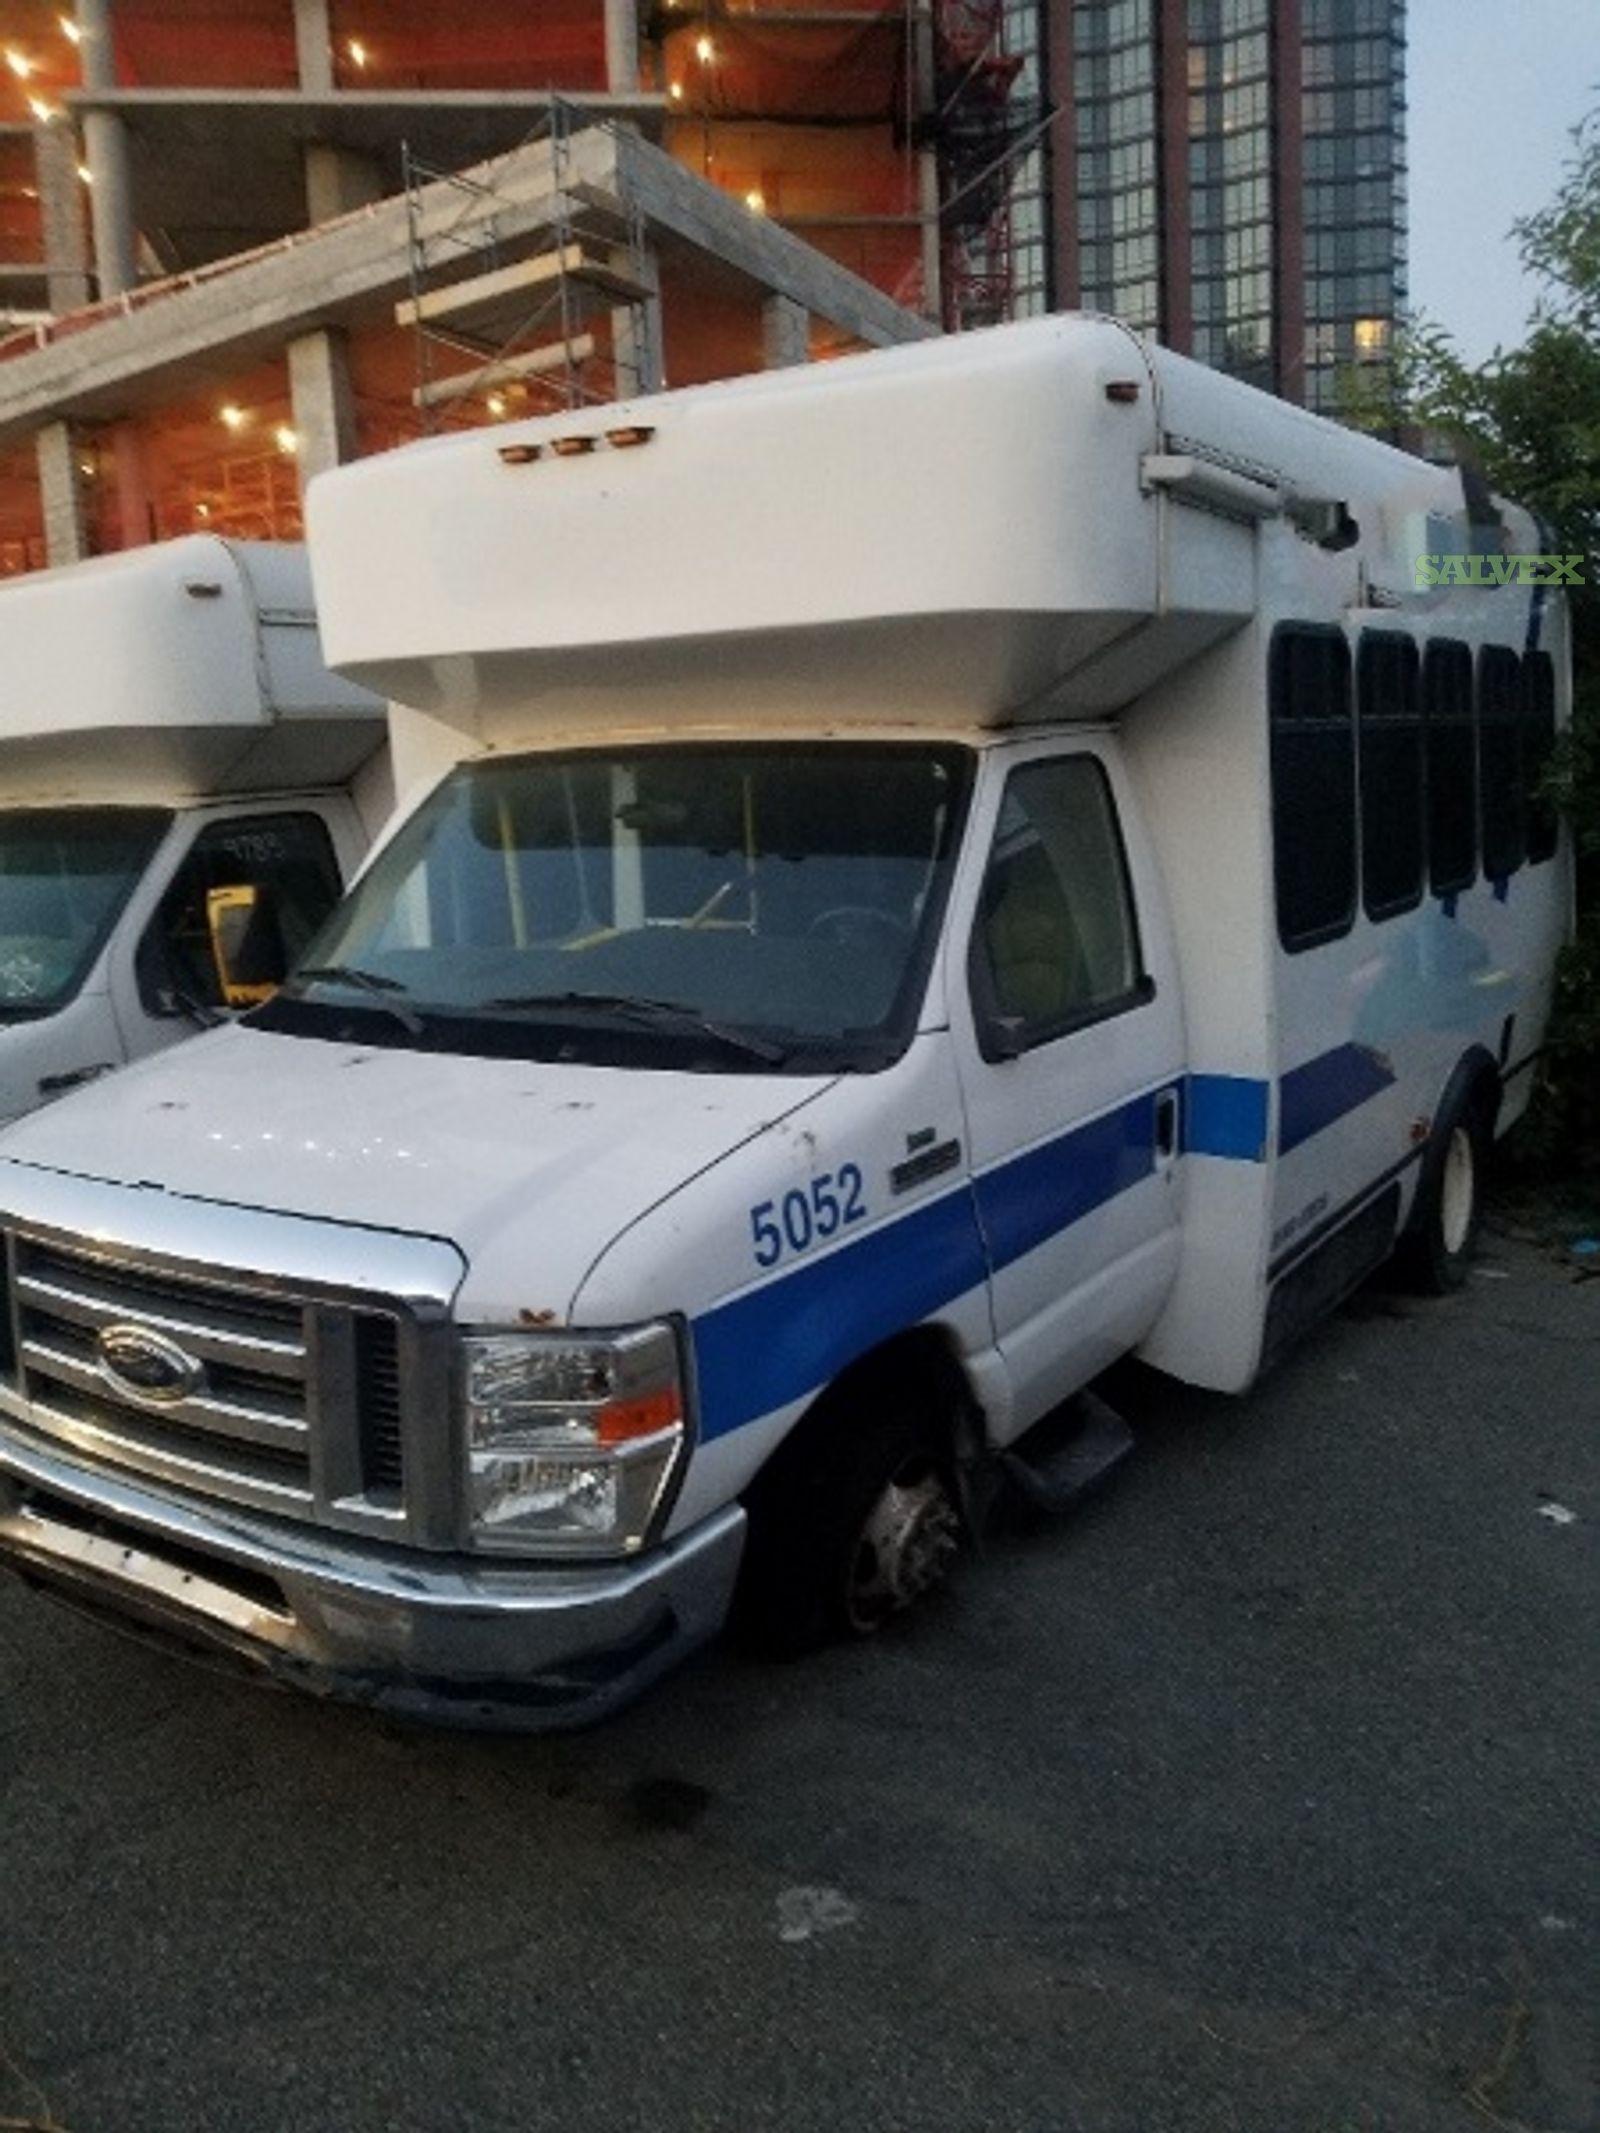 Paratransit Bus - Scrap (1 Unit)